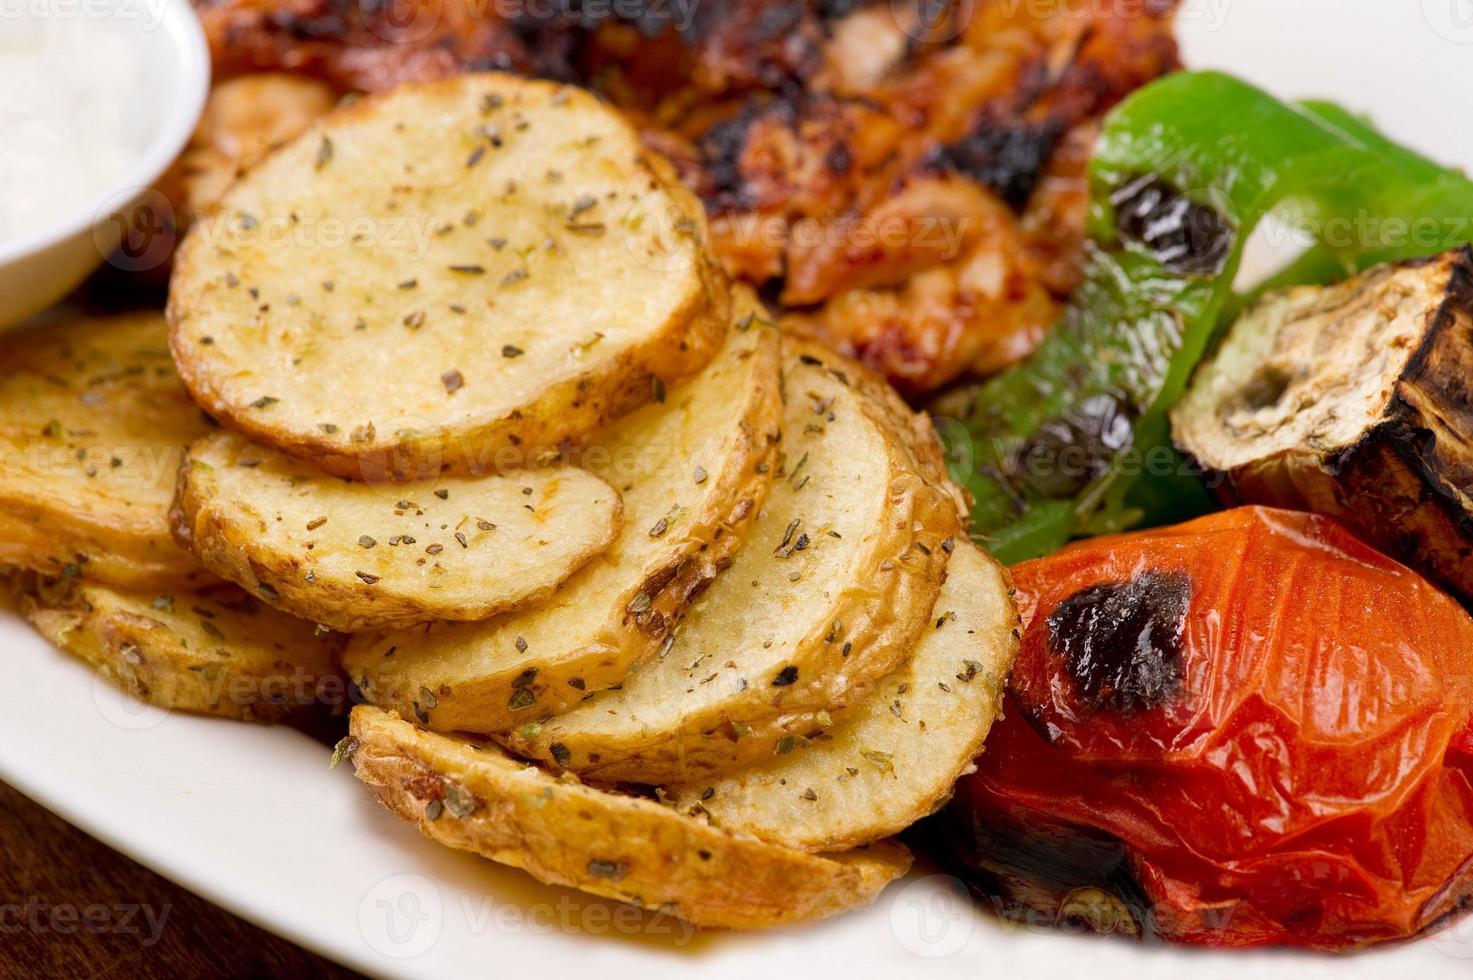 Gegrillte Hähnchenfilets mit Kartoffeln und Gemüse foto